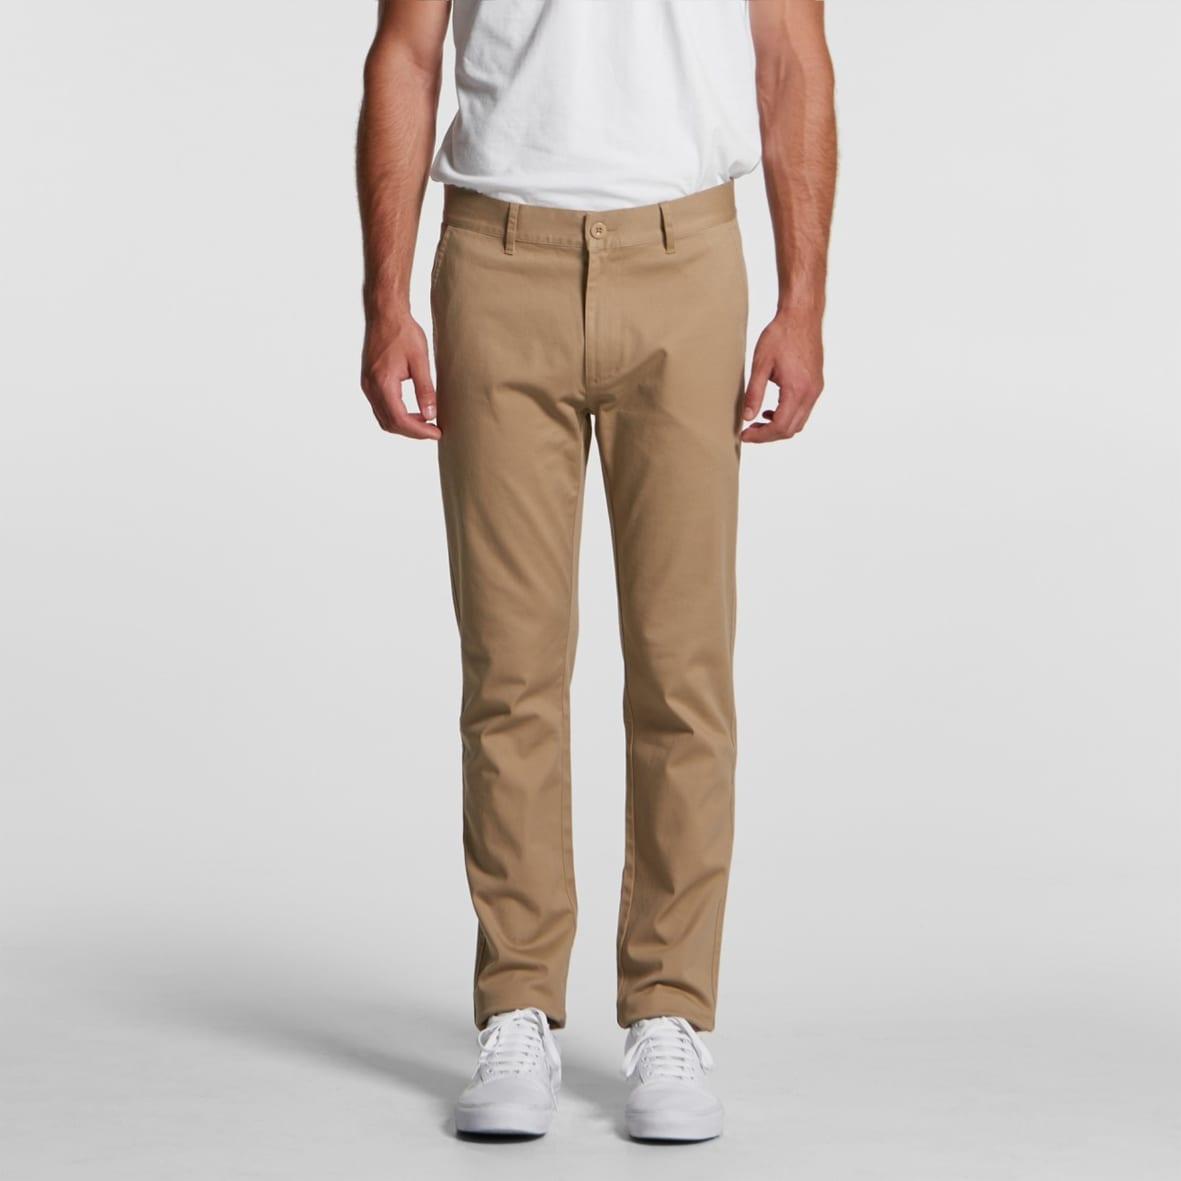 AS 5901 Standard Pants